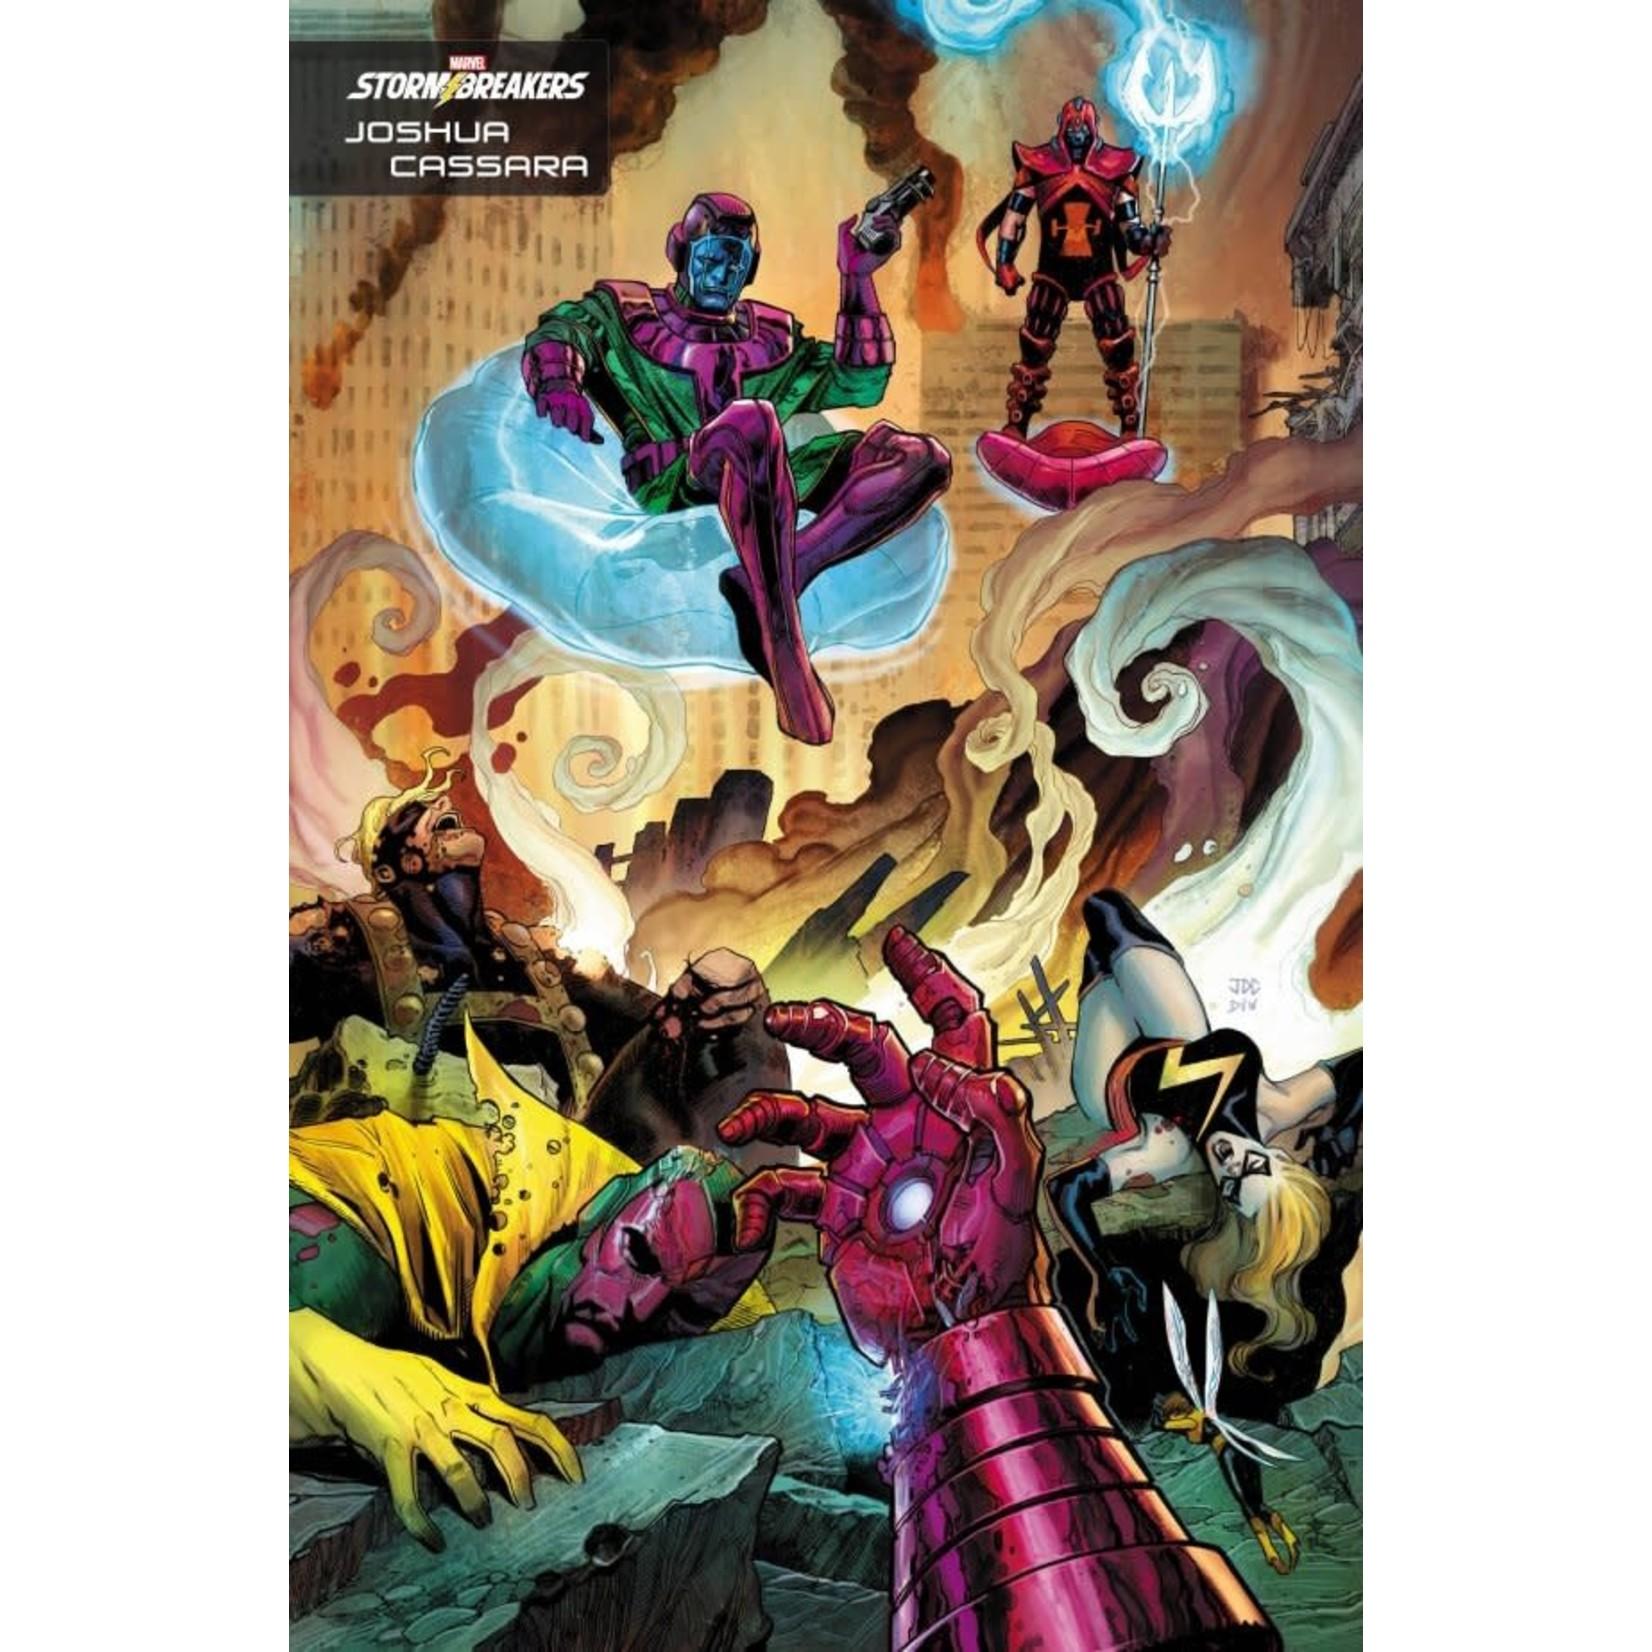 Kang the Conqueror #1 Cassara Stormbreakers Variant